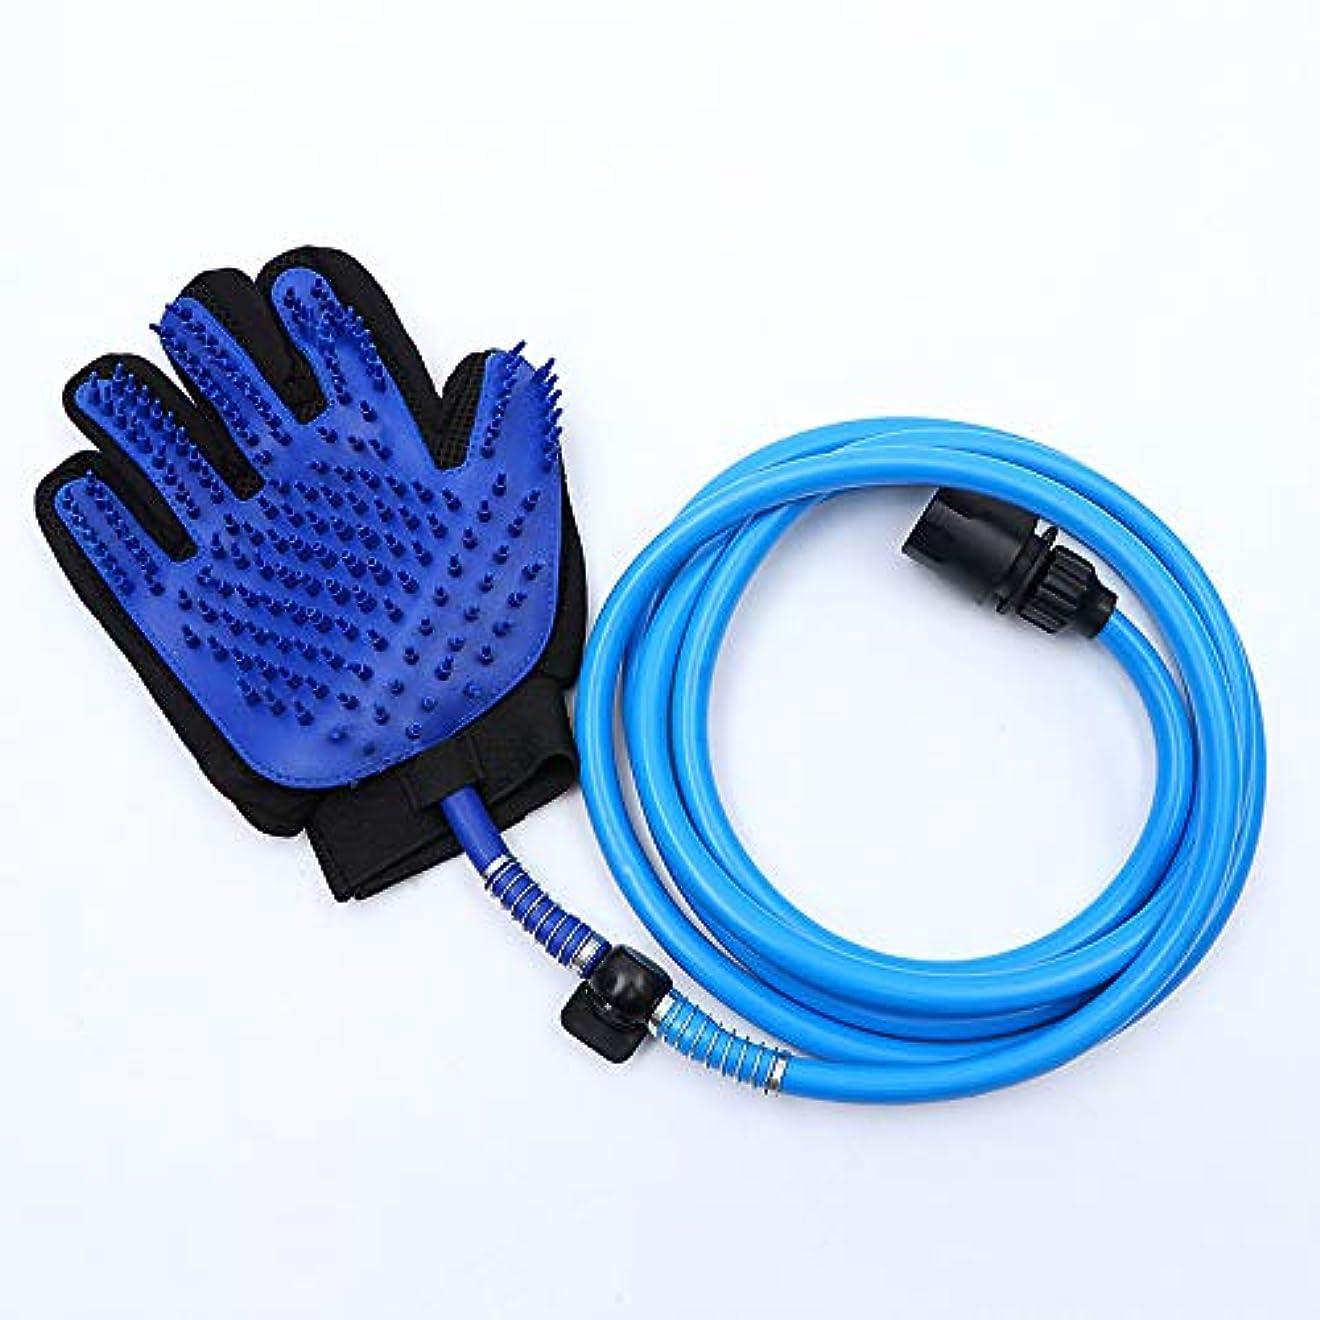 爆発物検出する郵便屋さんBTXXYJP 手袋 ペット ブラシ グローブ 猫 ブラシ 抜け毛取り クリーナー ブラッシング マッサージブラシ 犬 グローブ ペット毛取りブラシ お手入れ (Color : Blue, Size : L)